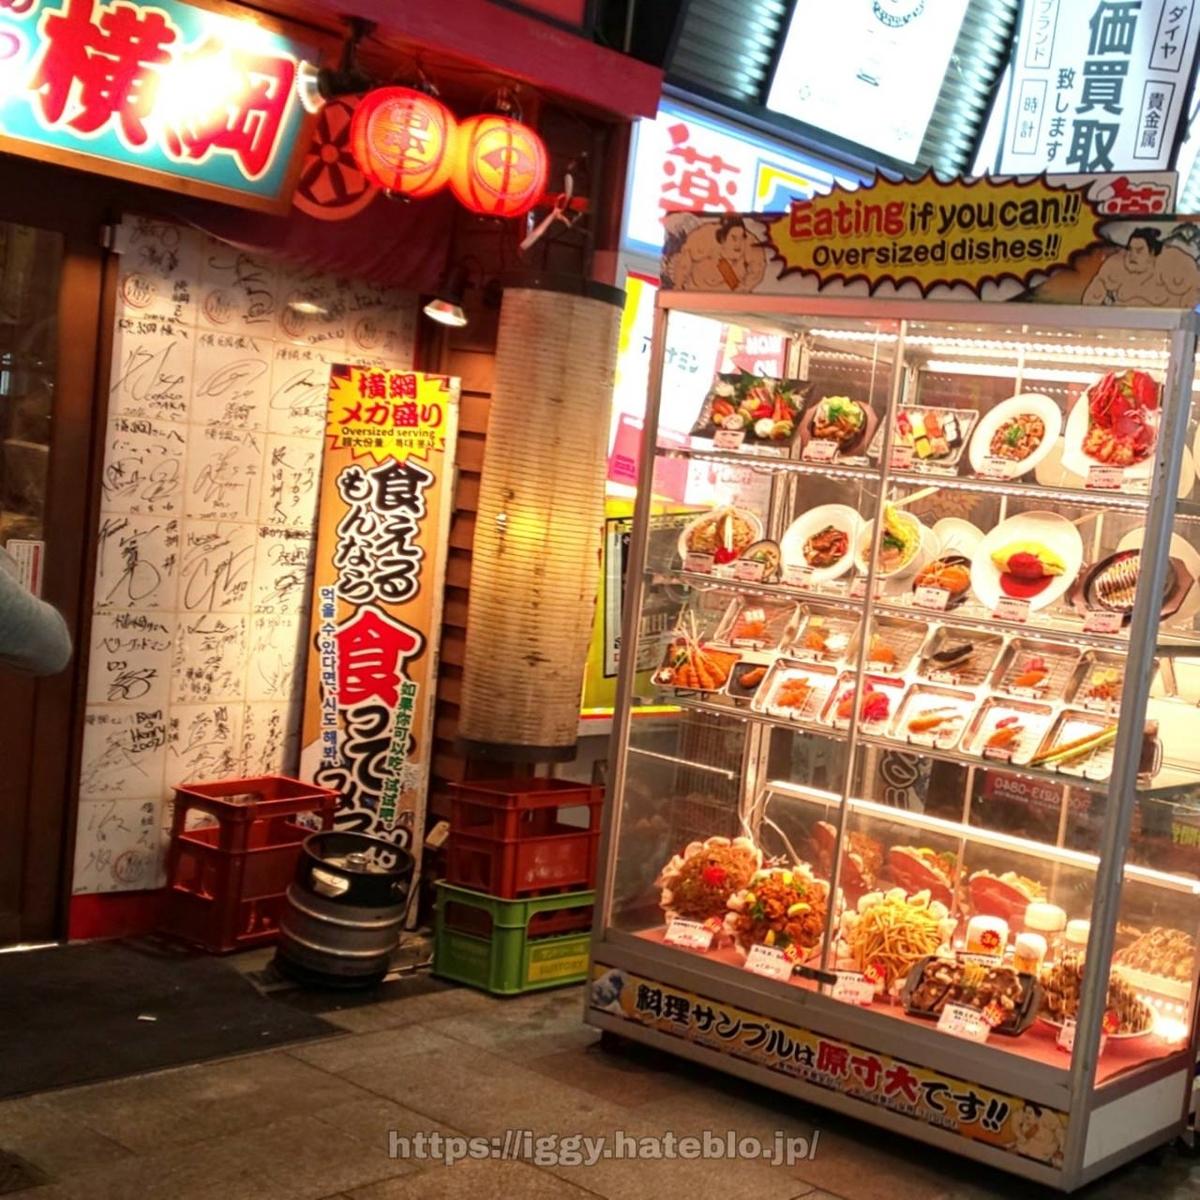 日本一の串かつ横綱 店前 iggy2019